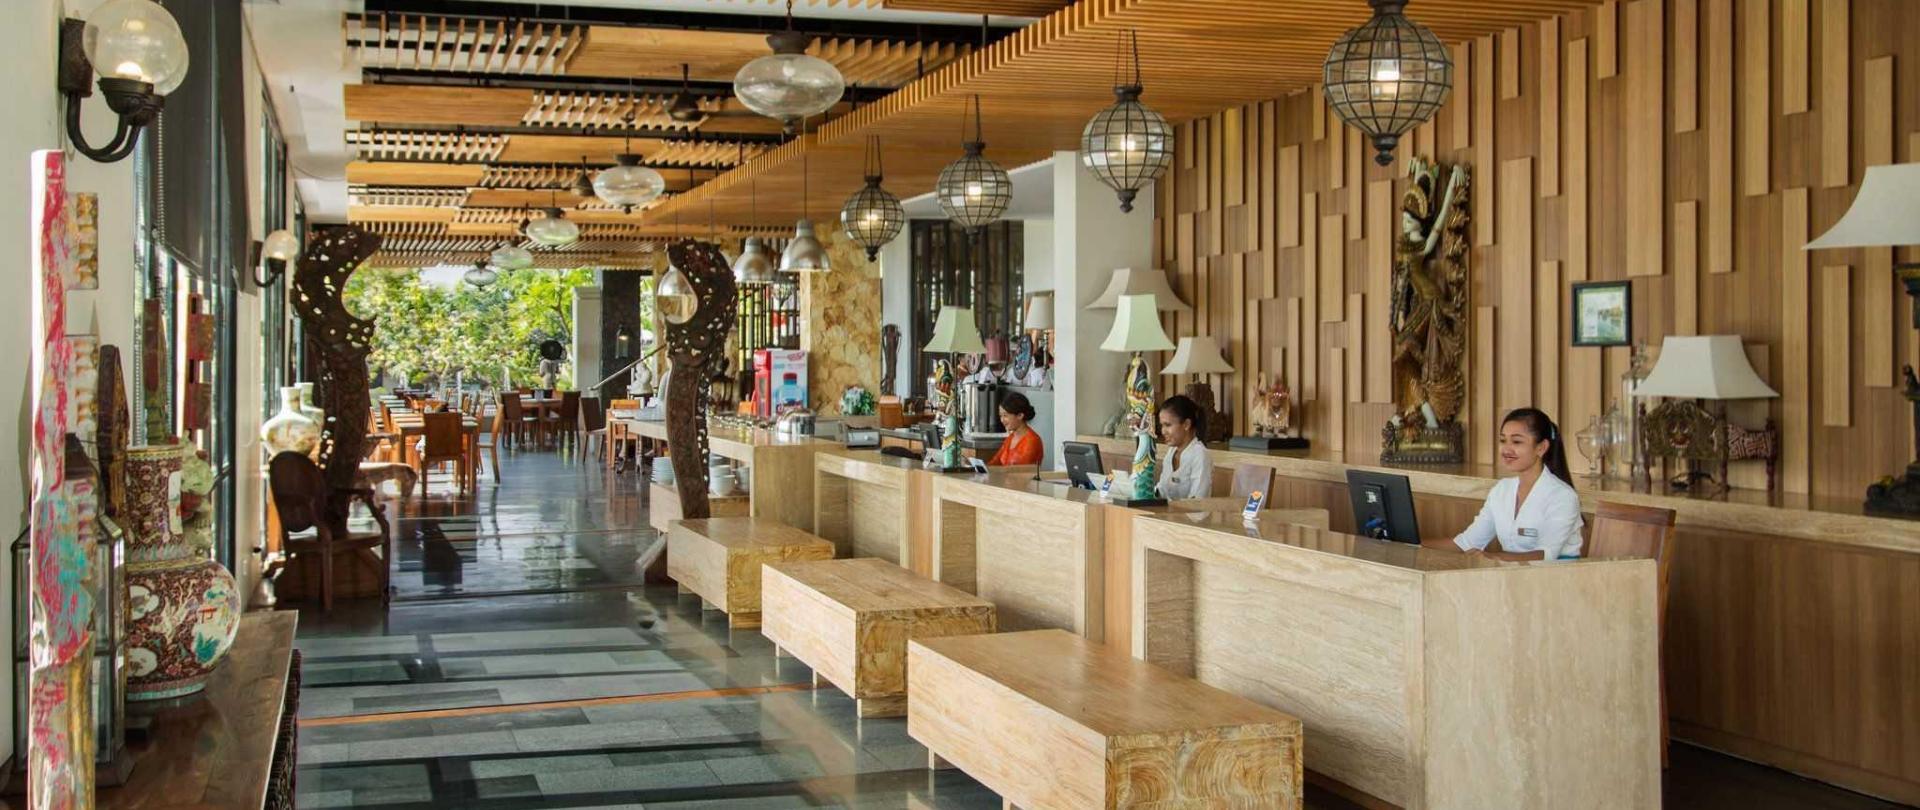 lobby-1-3.jpg